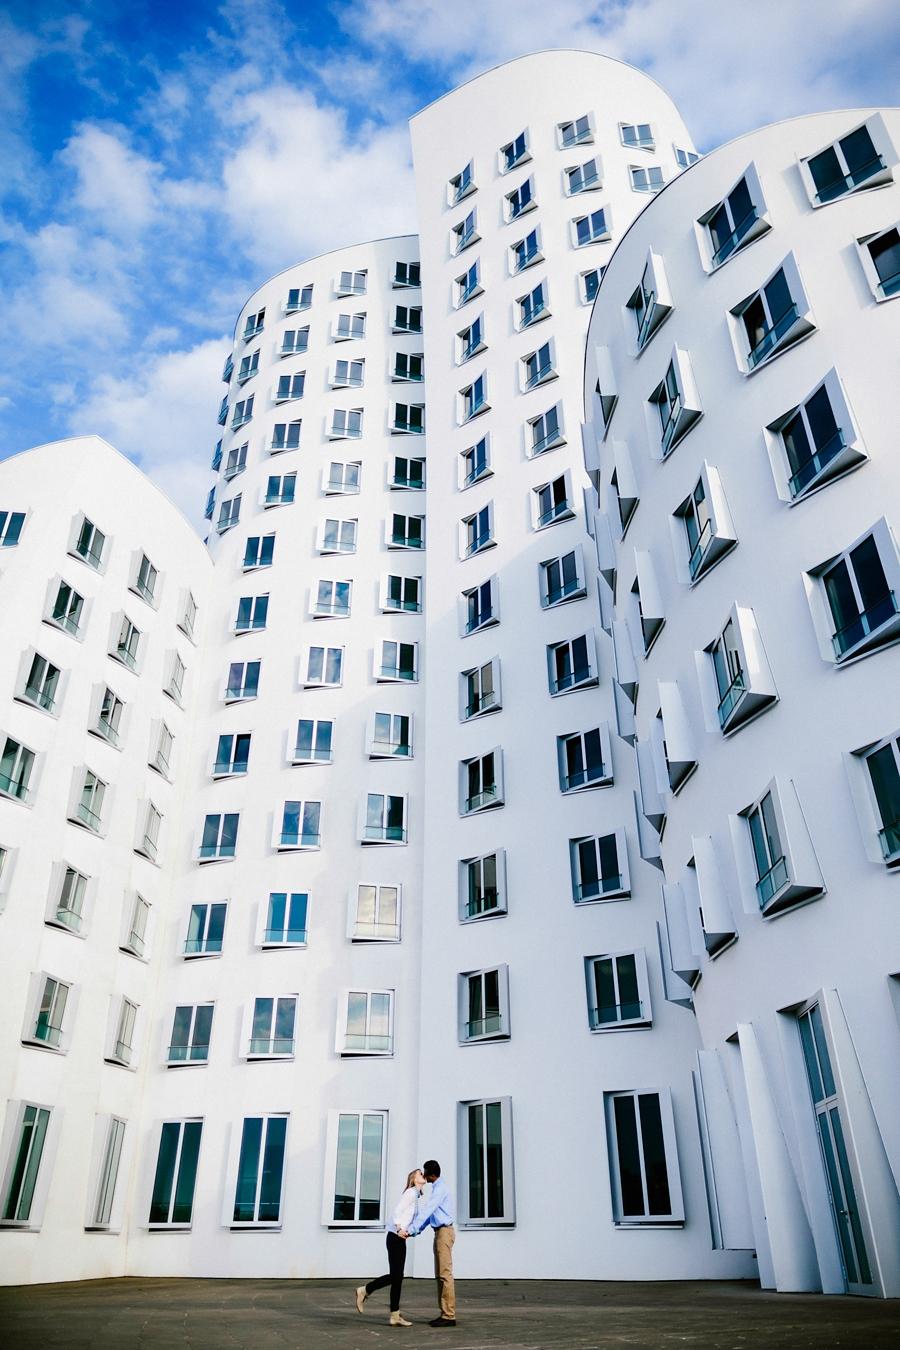 engagementshooting-paarfotos-duesseldorf-hafen-industriehafen-hyatt-gehry-bauten-innenhafen-container-fernsehturm-hochzeitsfotografin-aachen-geilenkirchen-heinsberg-koeln-eschweiler-blog_014